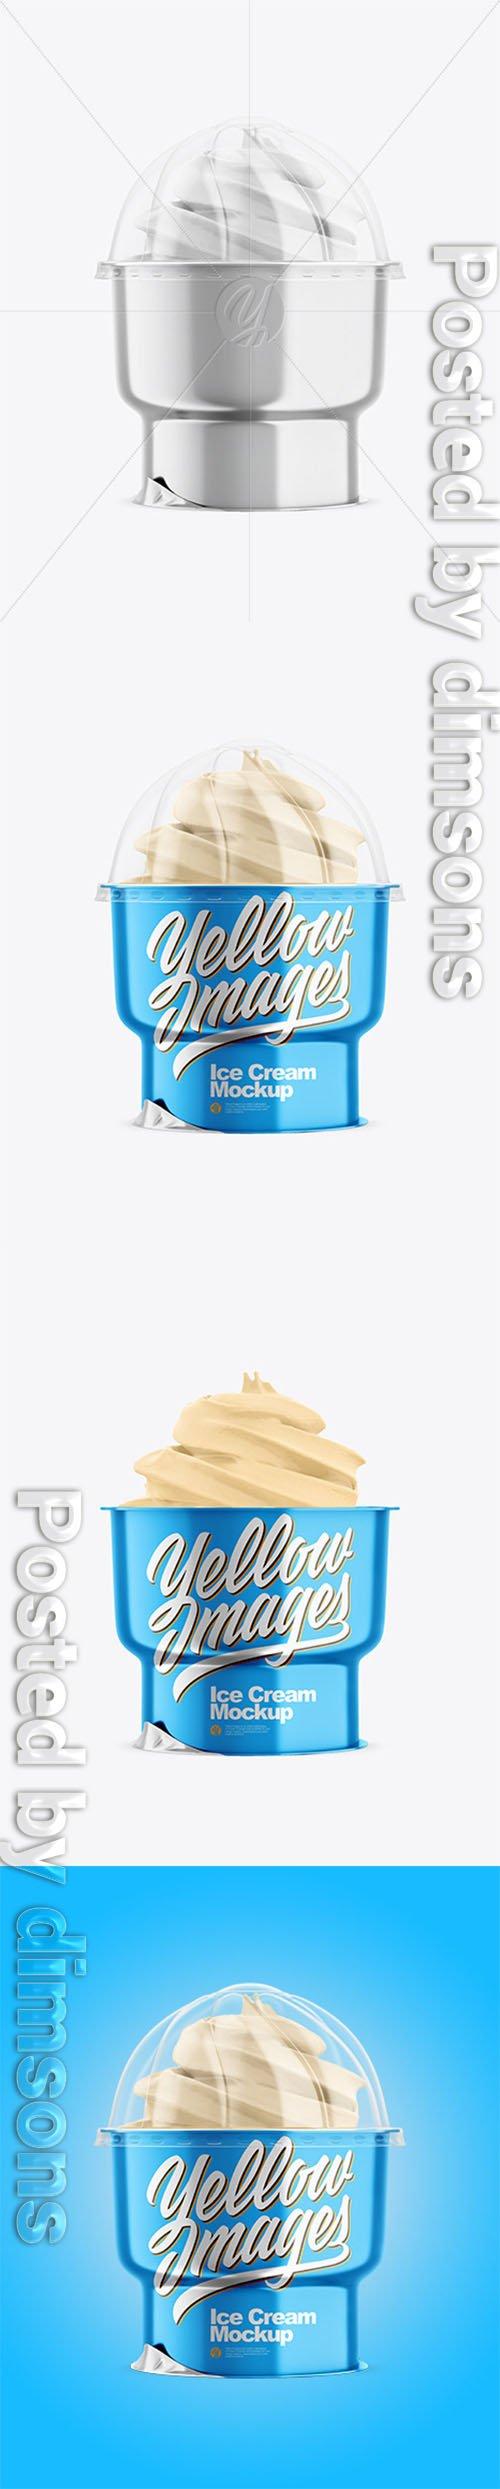 Metallic Ice Cream Cup Mockup 45340 TIF